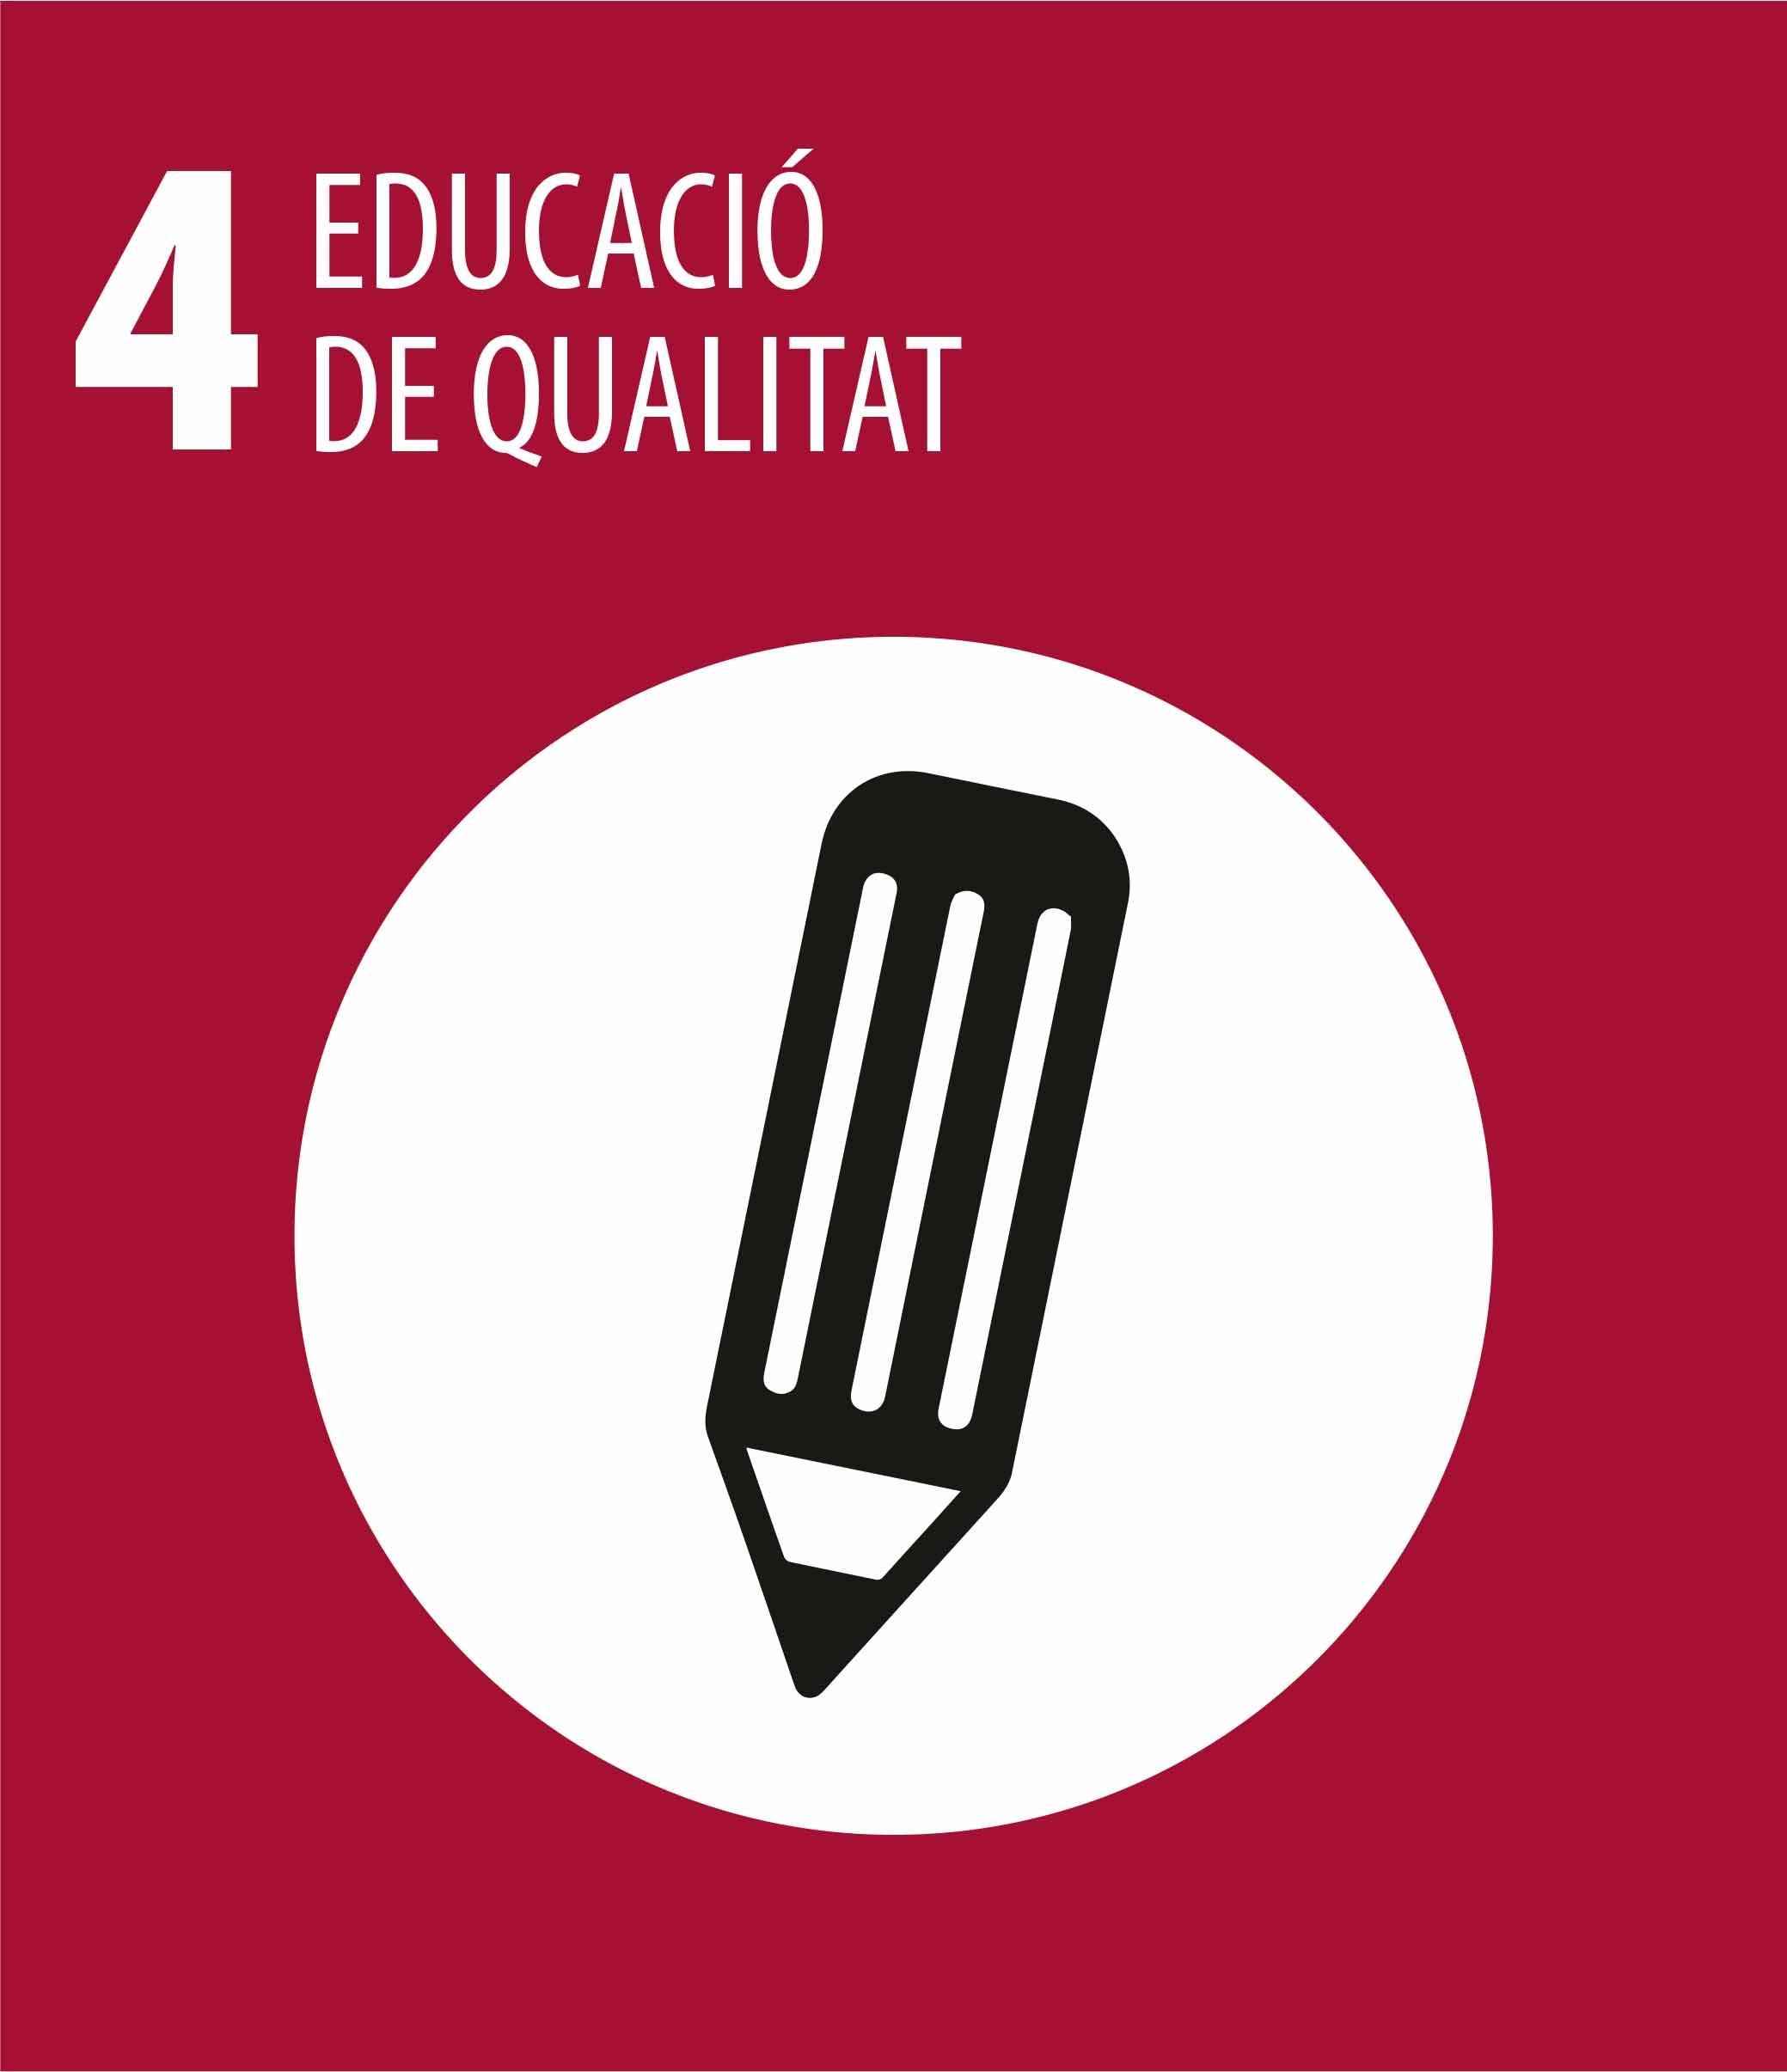 ODS 4 Educacio qualitat